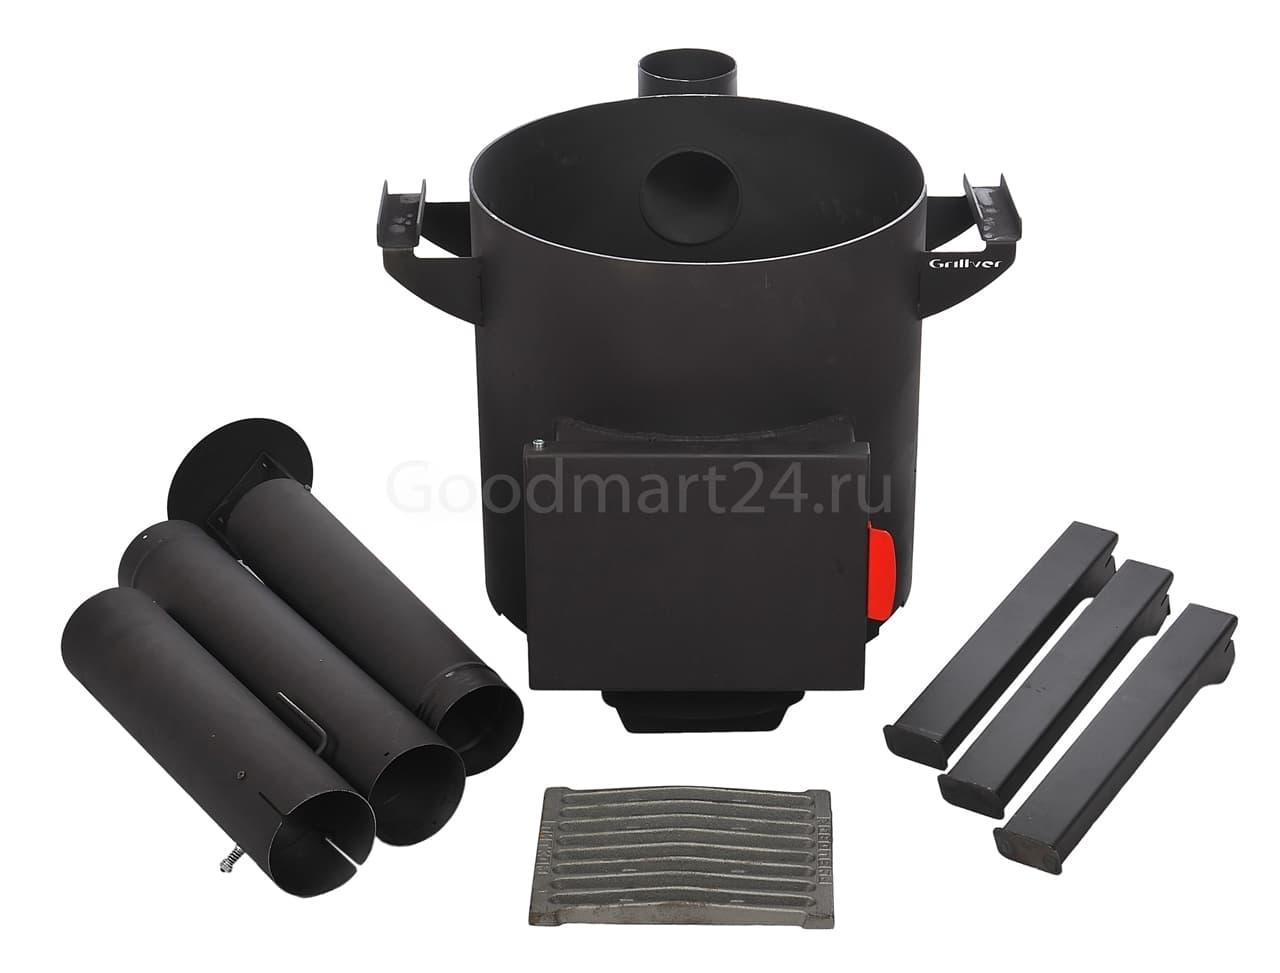 Узбекский чугунный казан 10 литров + печь c трубой, поддувалом Grillver 3 мм. - фото 7167